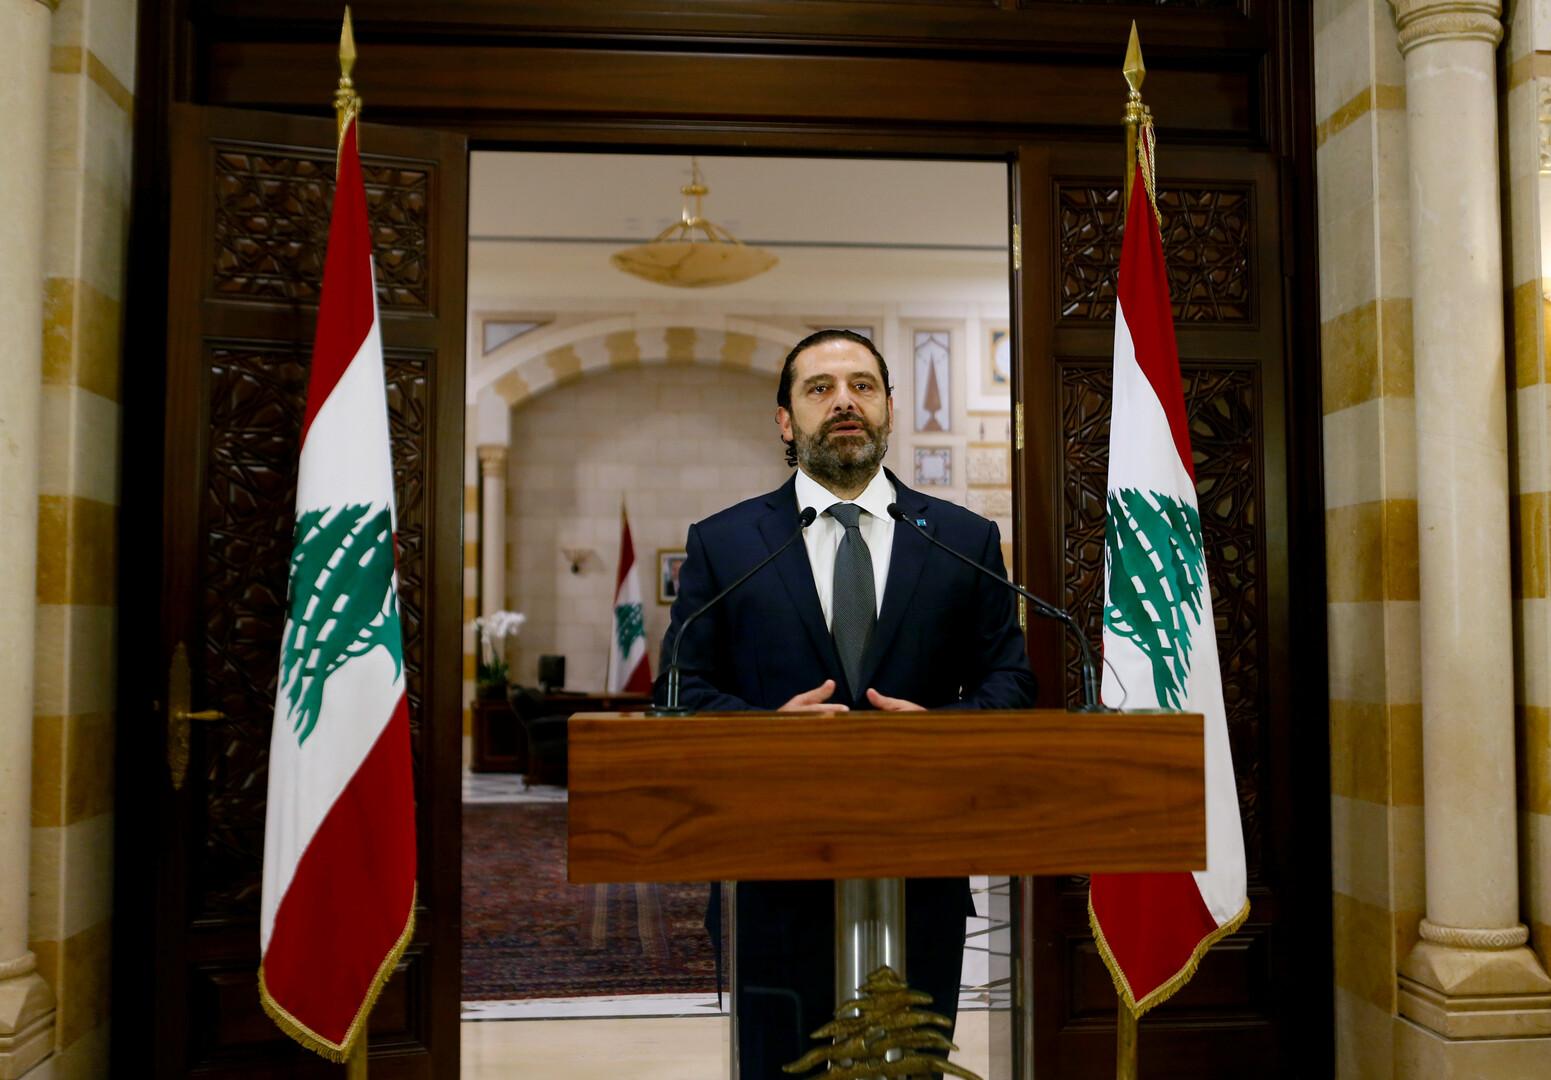 حكومة لبنان تتبنى ميزانية خالية من ضرائب جديدة وتجتمع الأحد لإيجاد مخرج من الأزمة